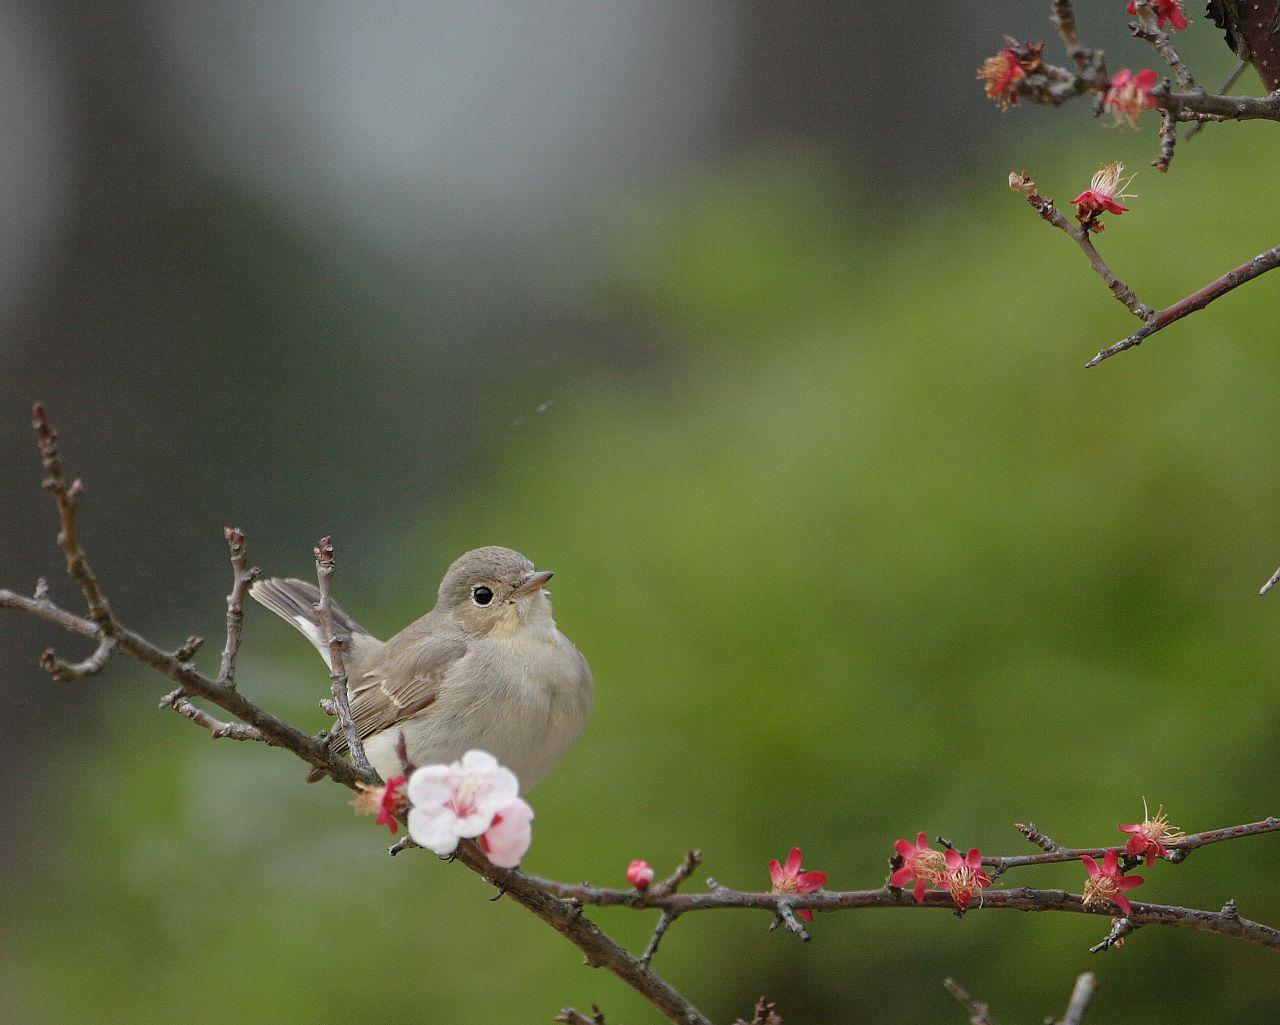 梅の花に止まった可愛いオジロたん_f0105570_225138.jpg